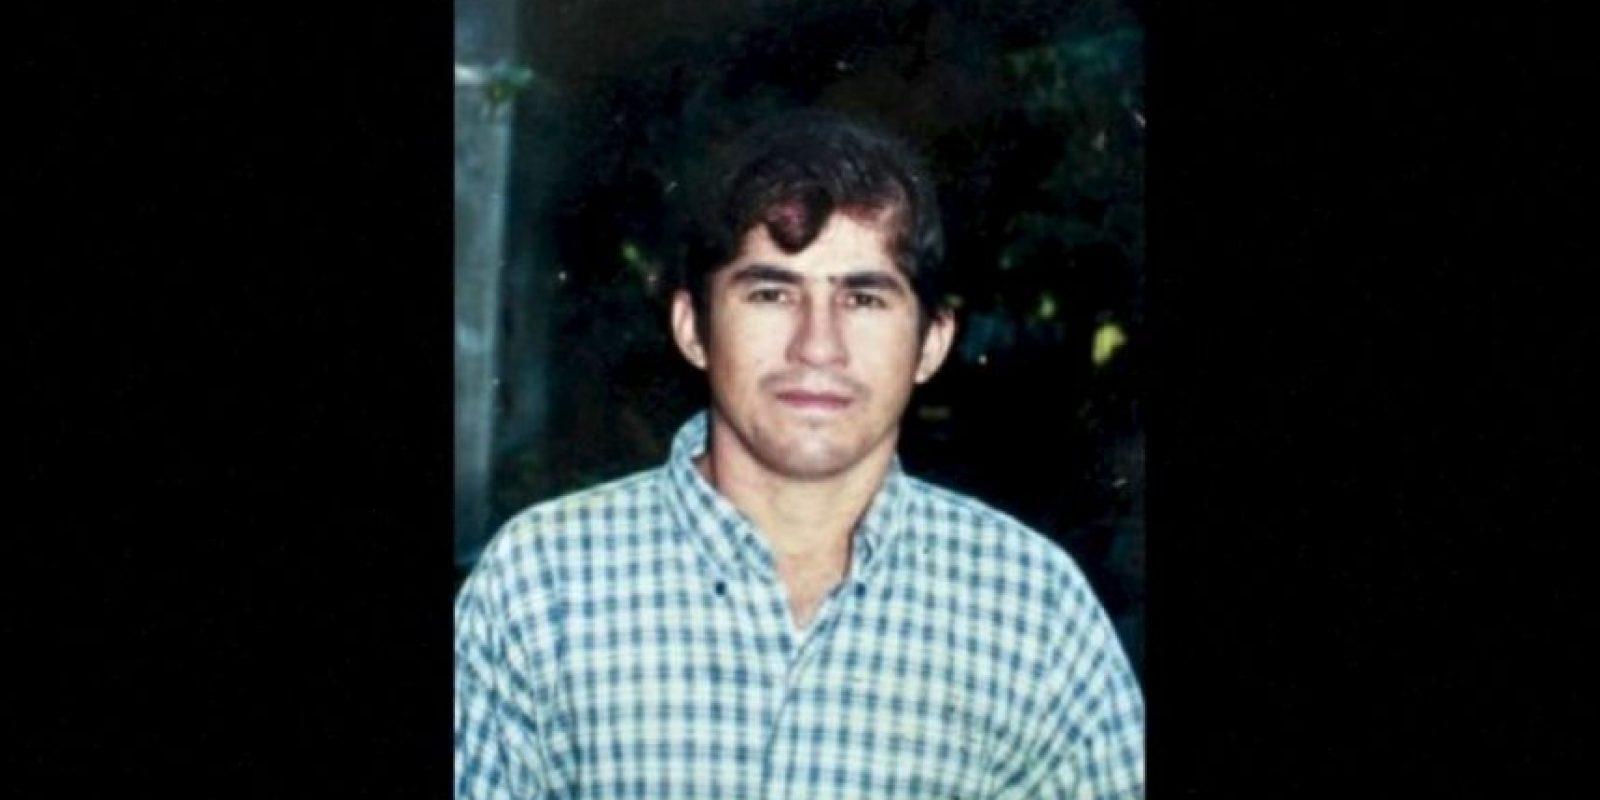 El originario de El Salvador zarpó junto Ezequiel Córdoba, su compañero de pesca, quien murió en el viaje. Foto:AFP